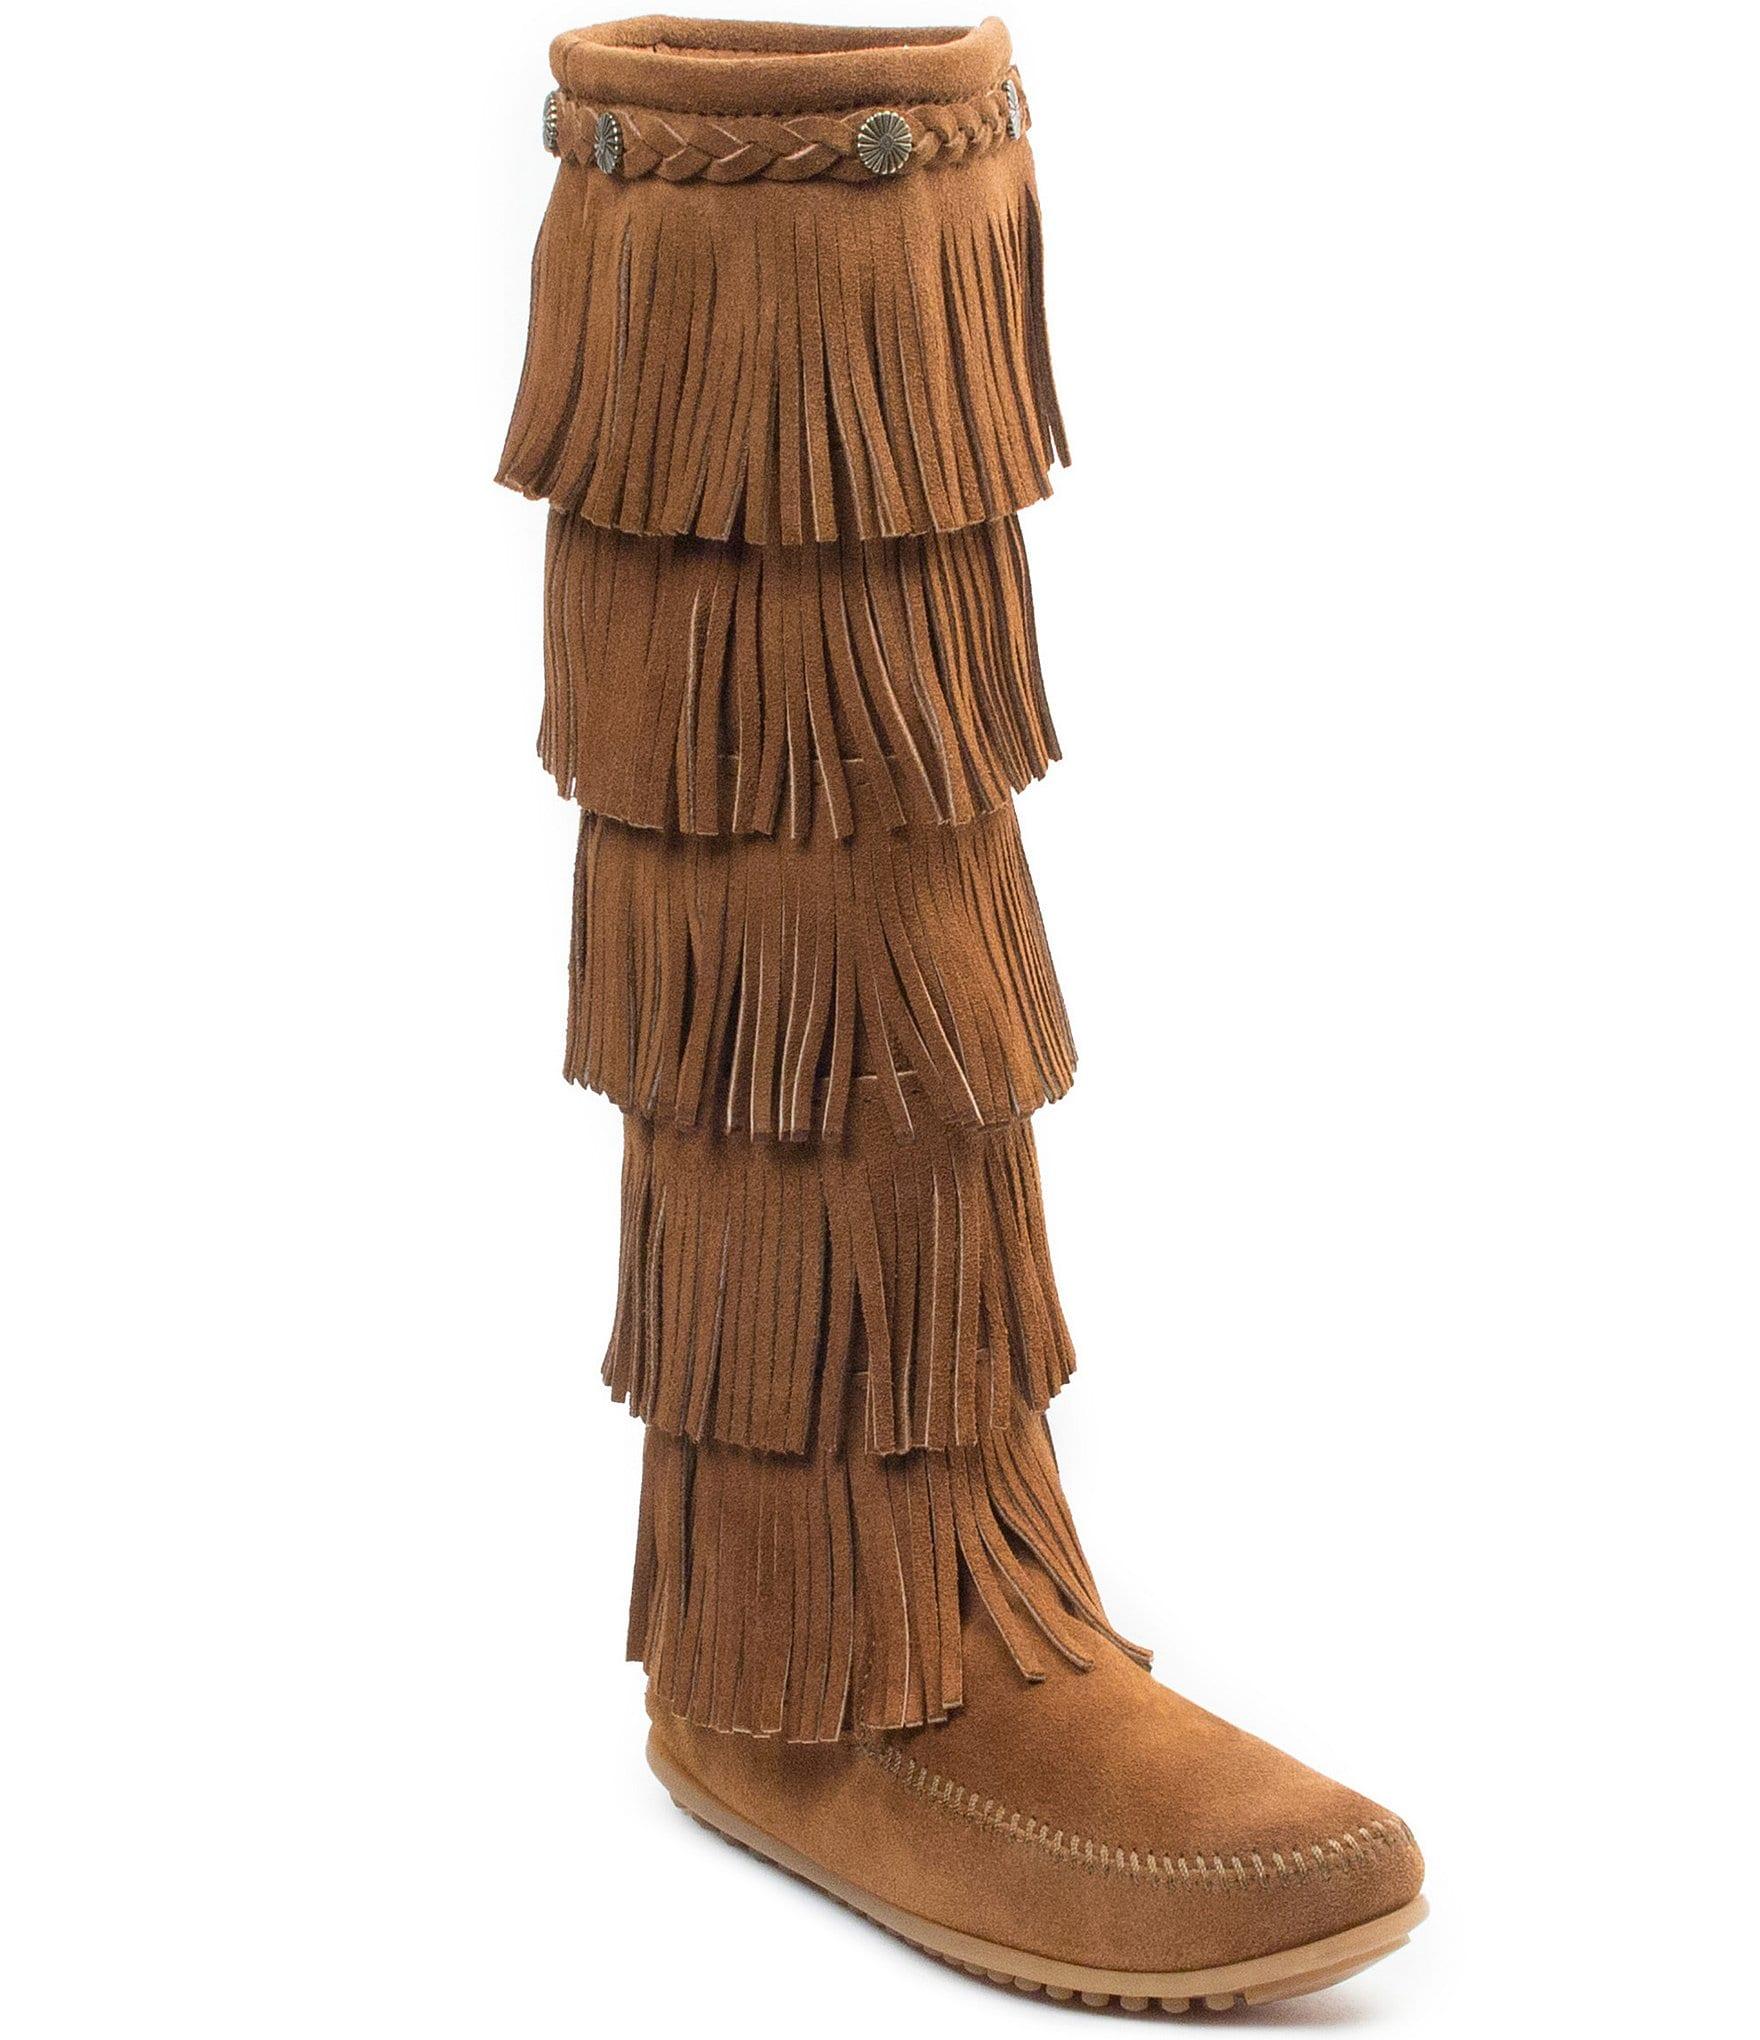 fc2875a8fb0b Women s Tall Boots